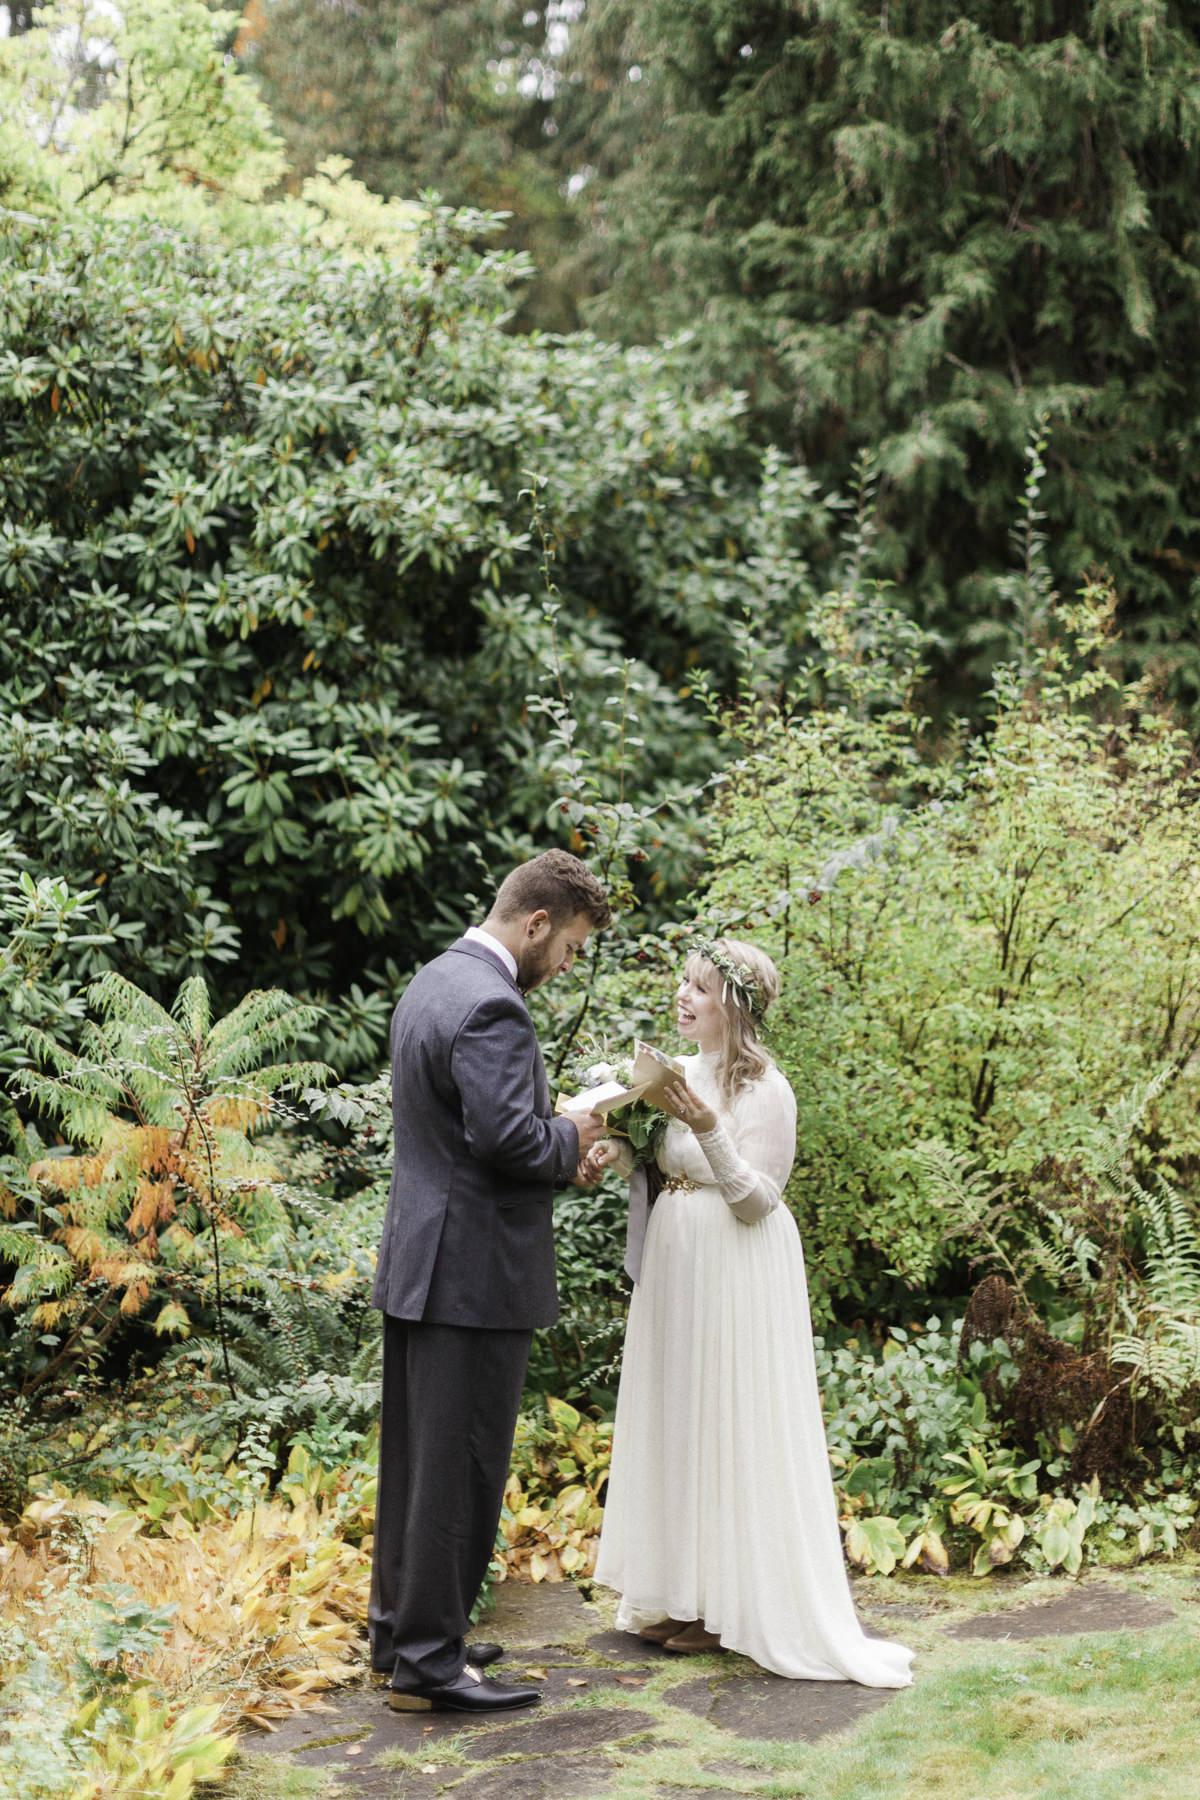 Matt-and-Chelsey-Nelson-wedding-21.jpg